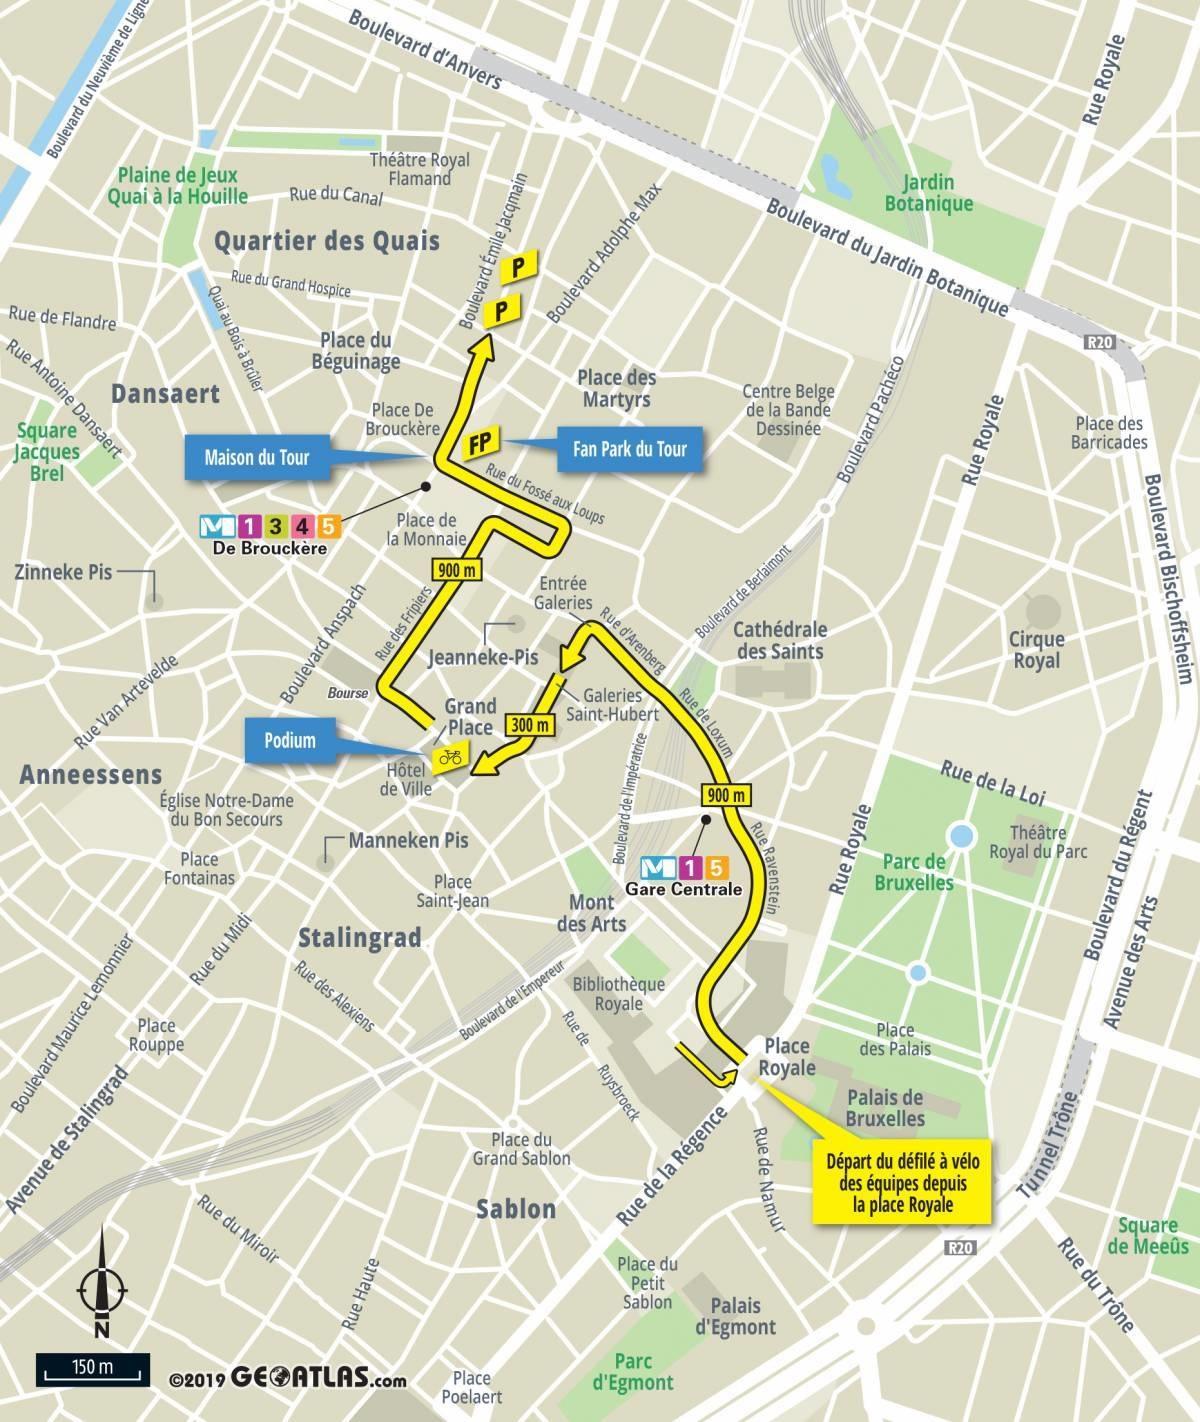 The Tour de France 2019 race route on Open Street Maps